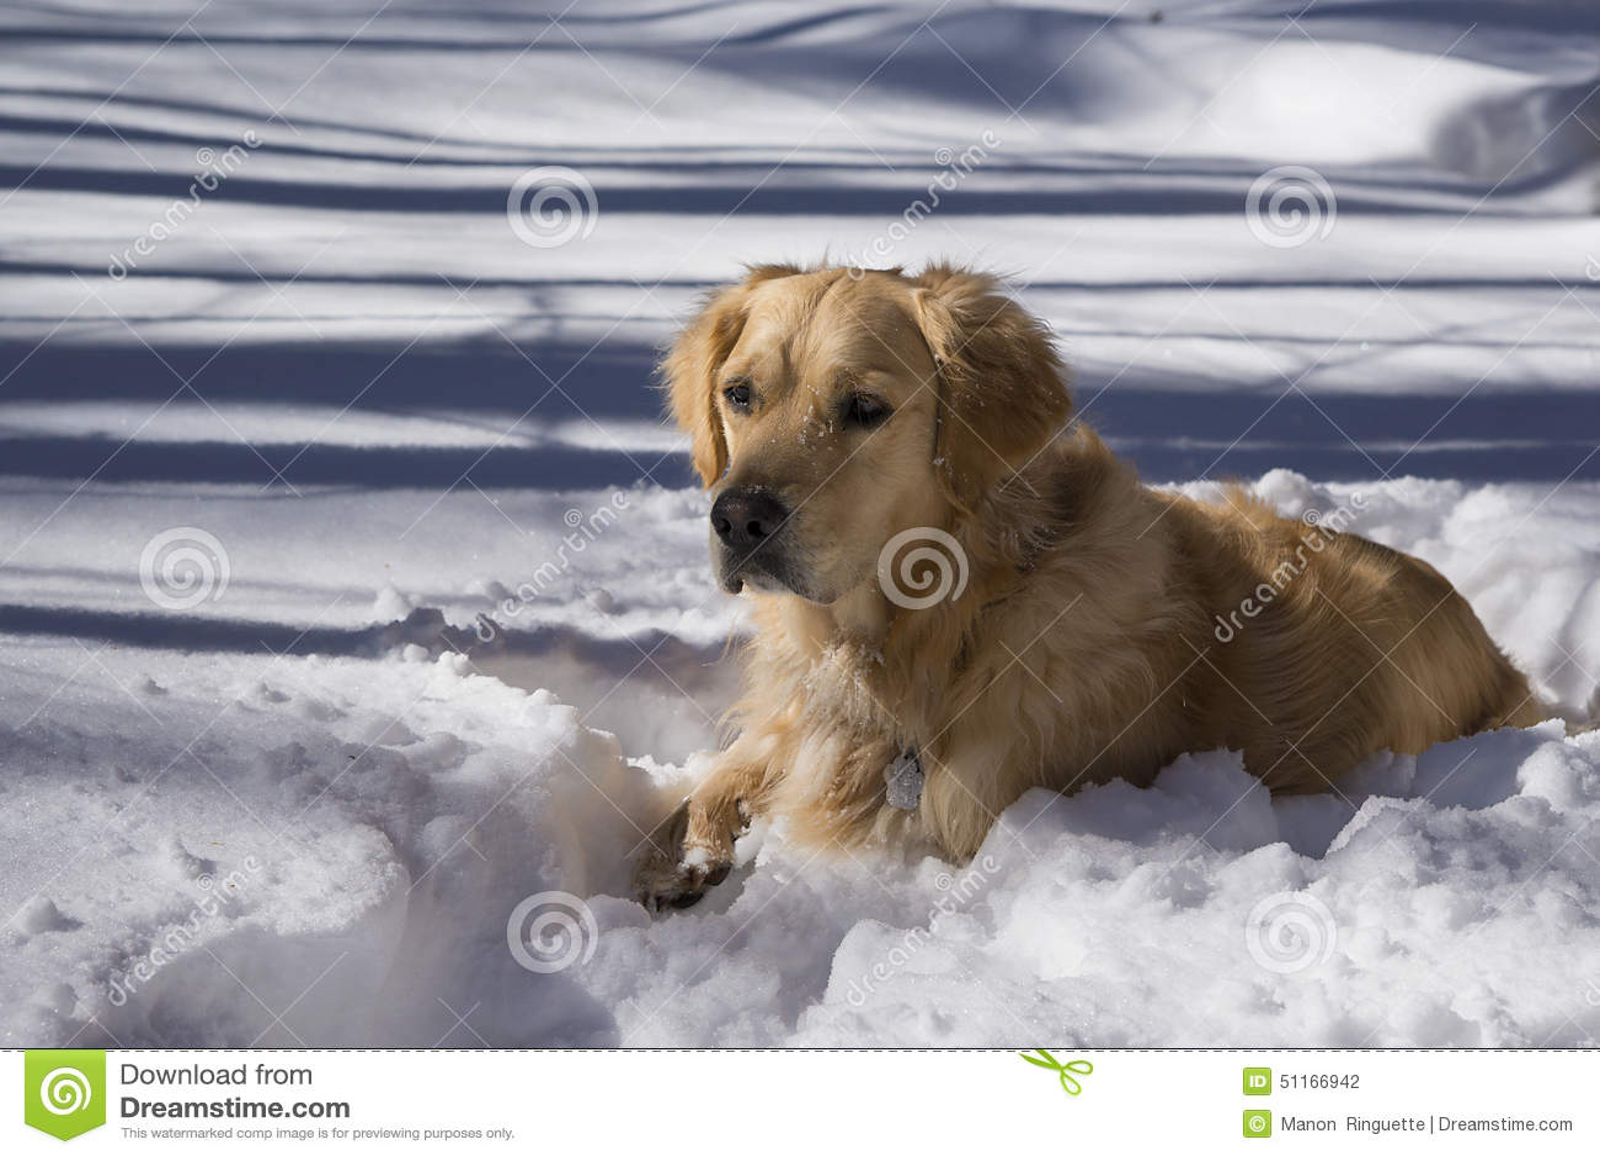 Golden retriever i snö